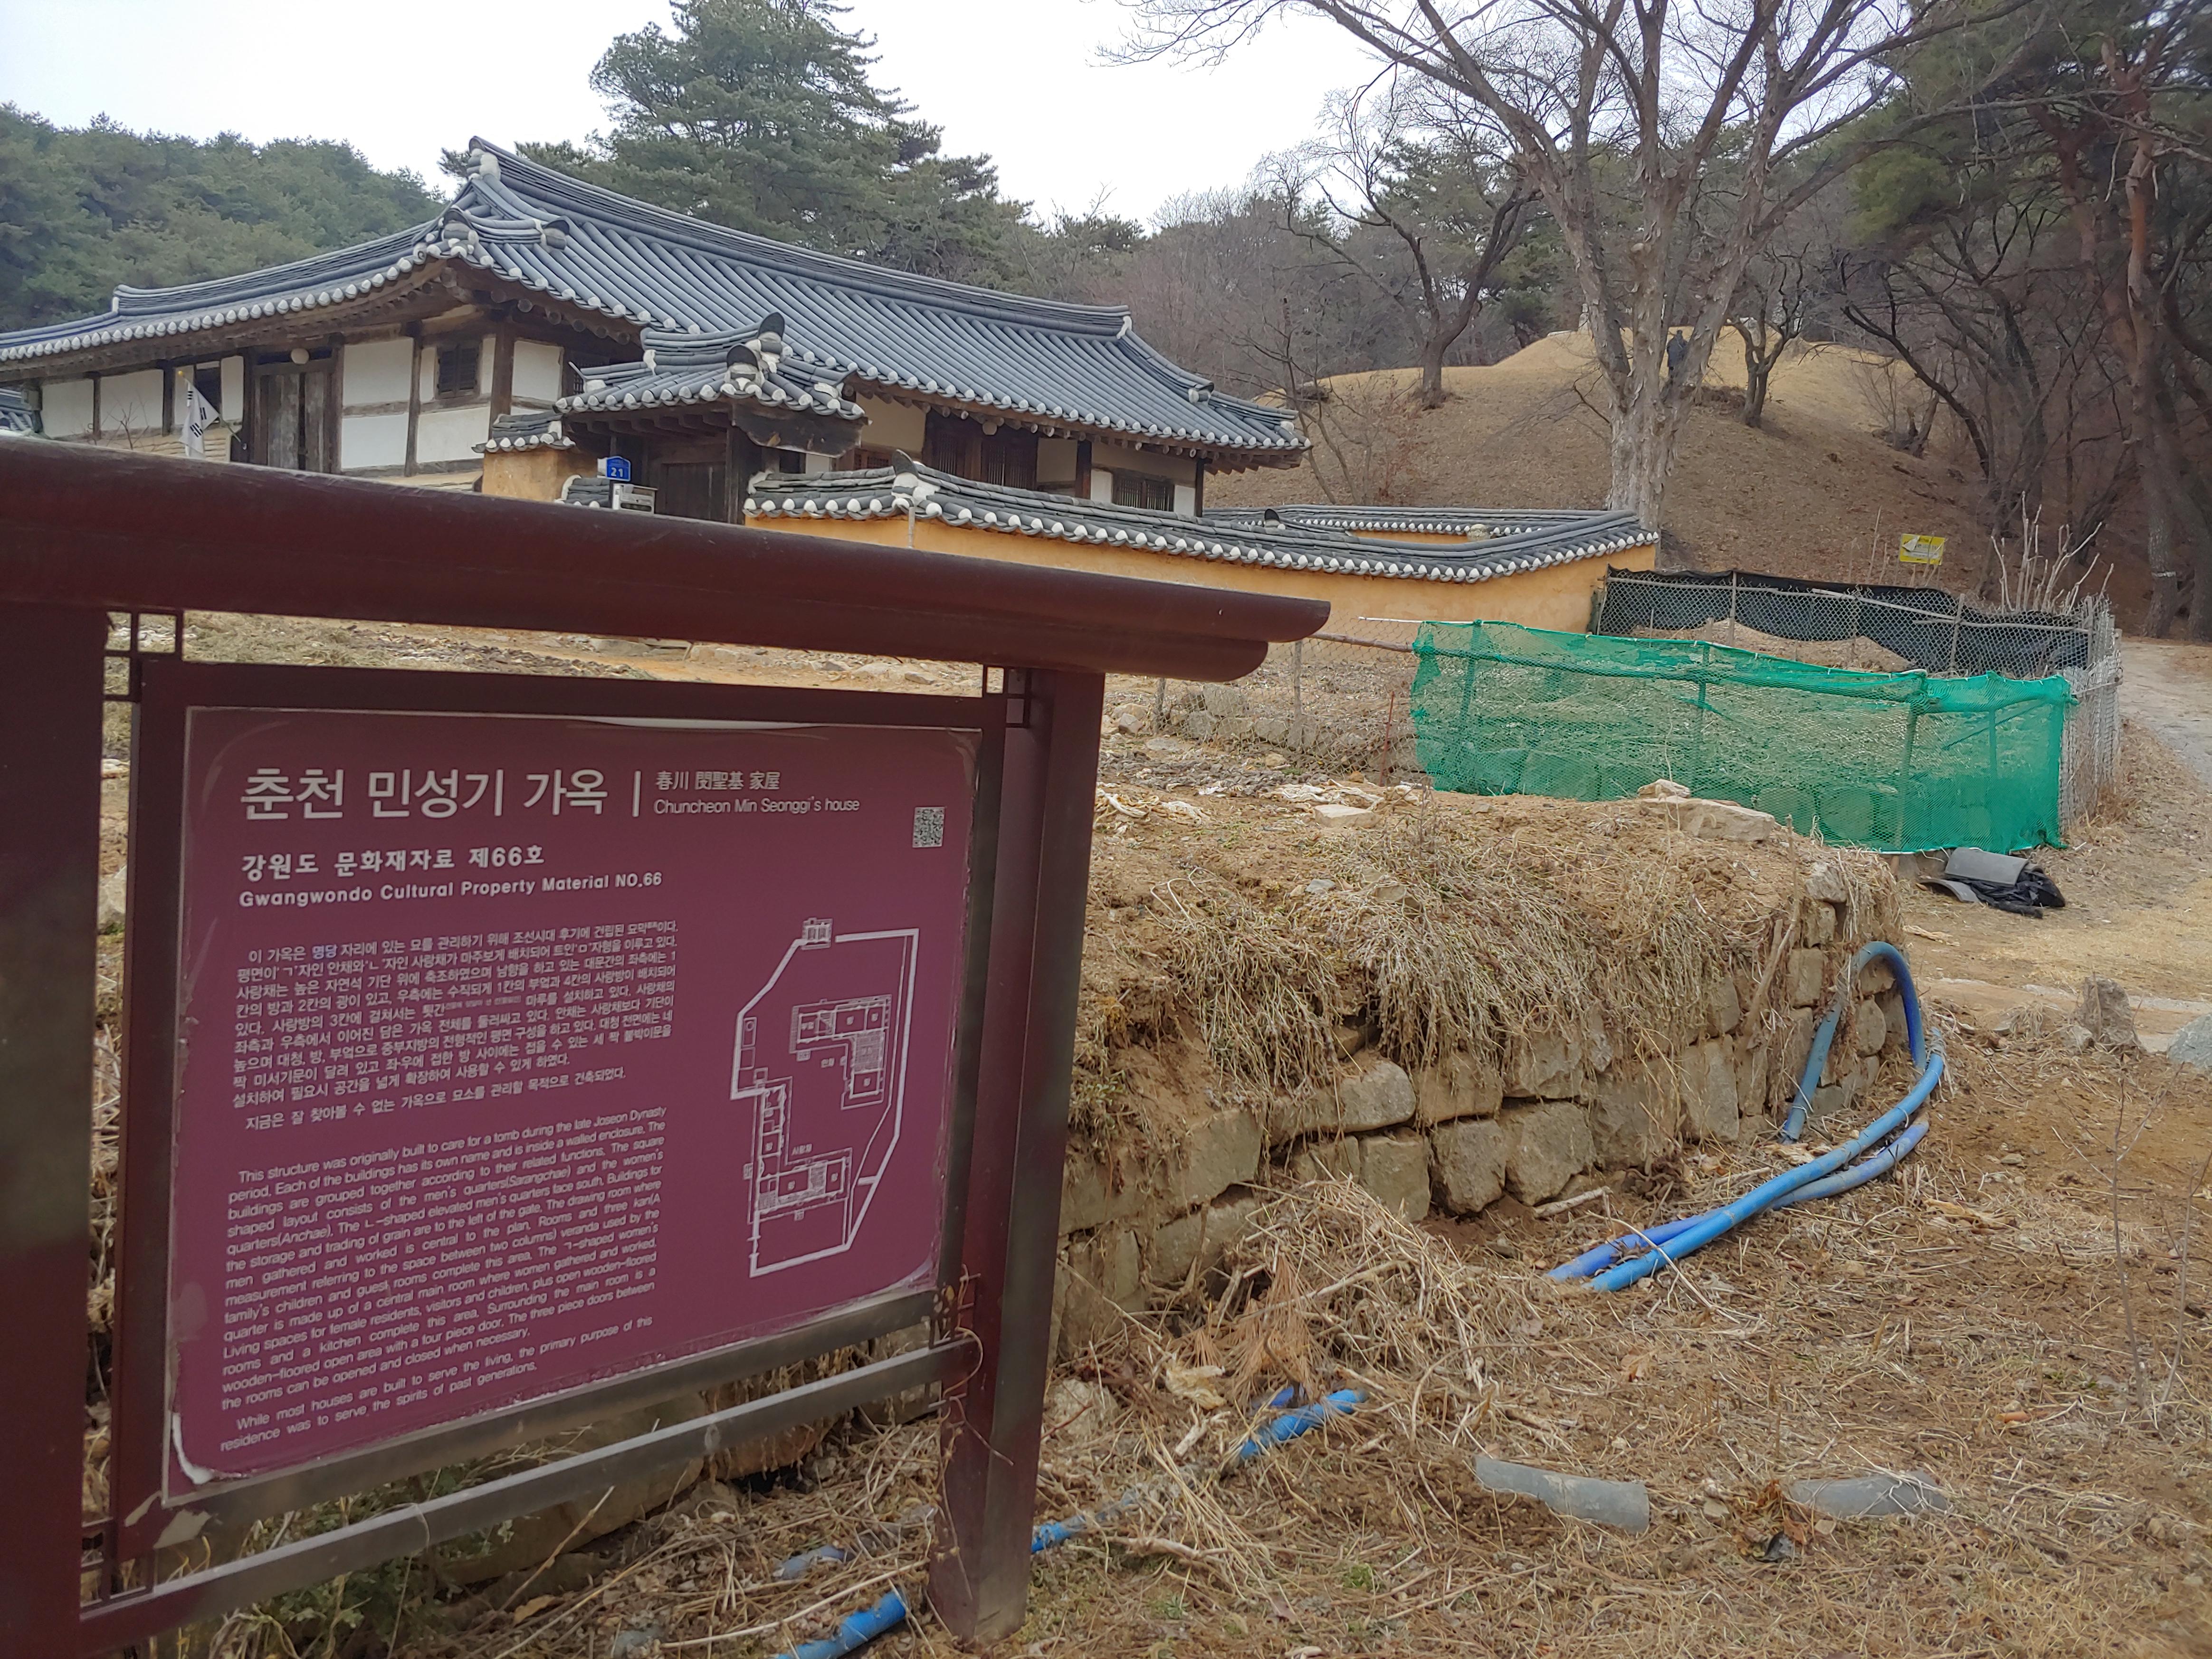 [와이파일] '흥청망청' 친일파 무덤 관리...가옥 보수에 혈세 4억여 원